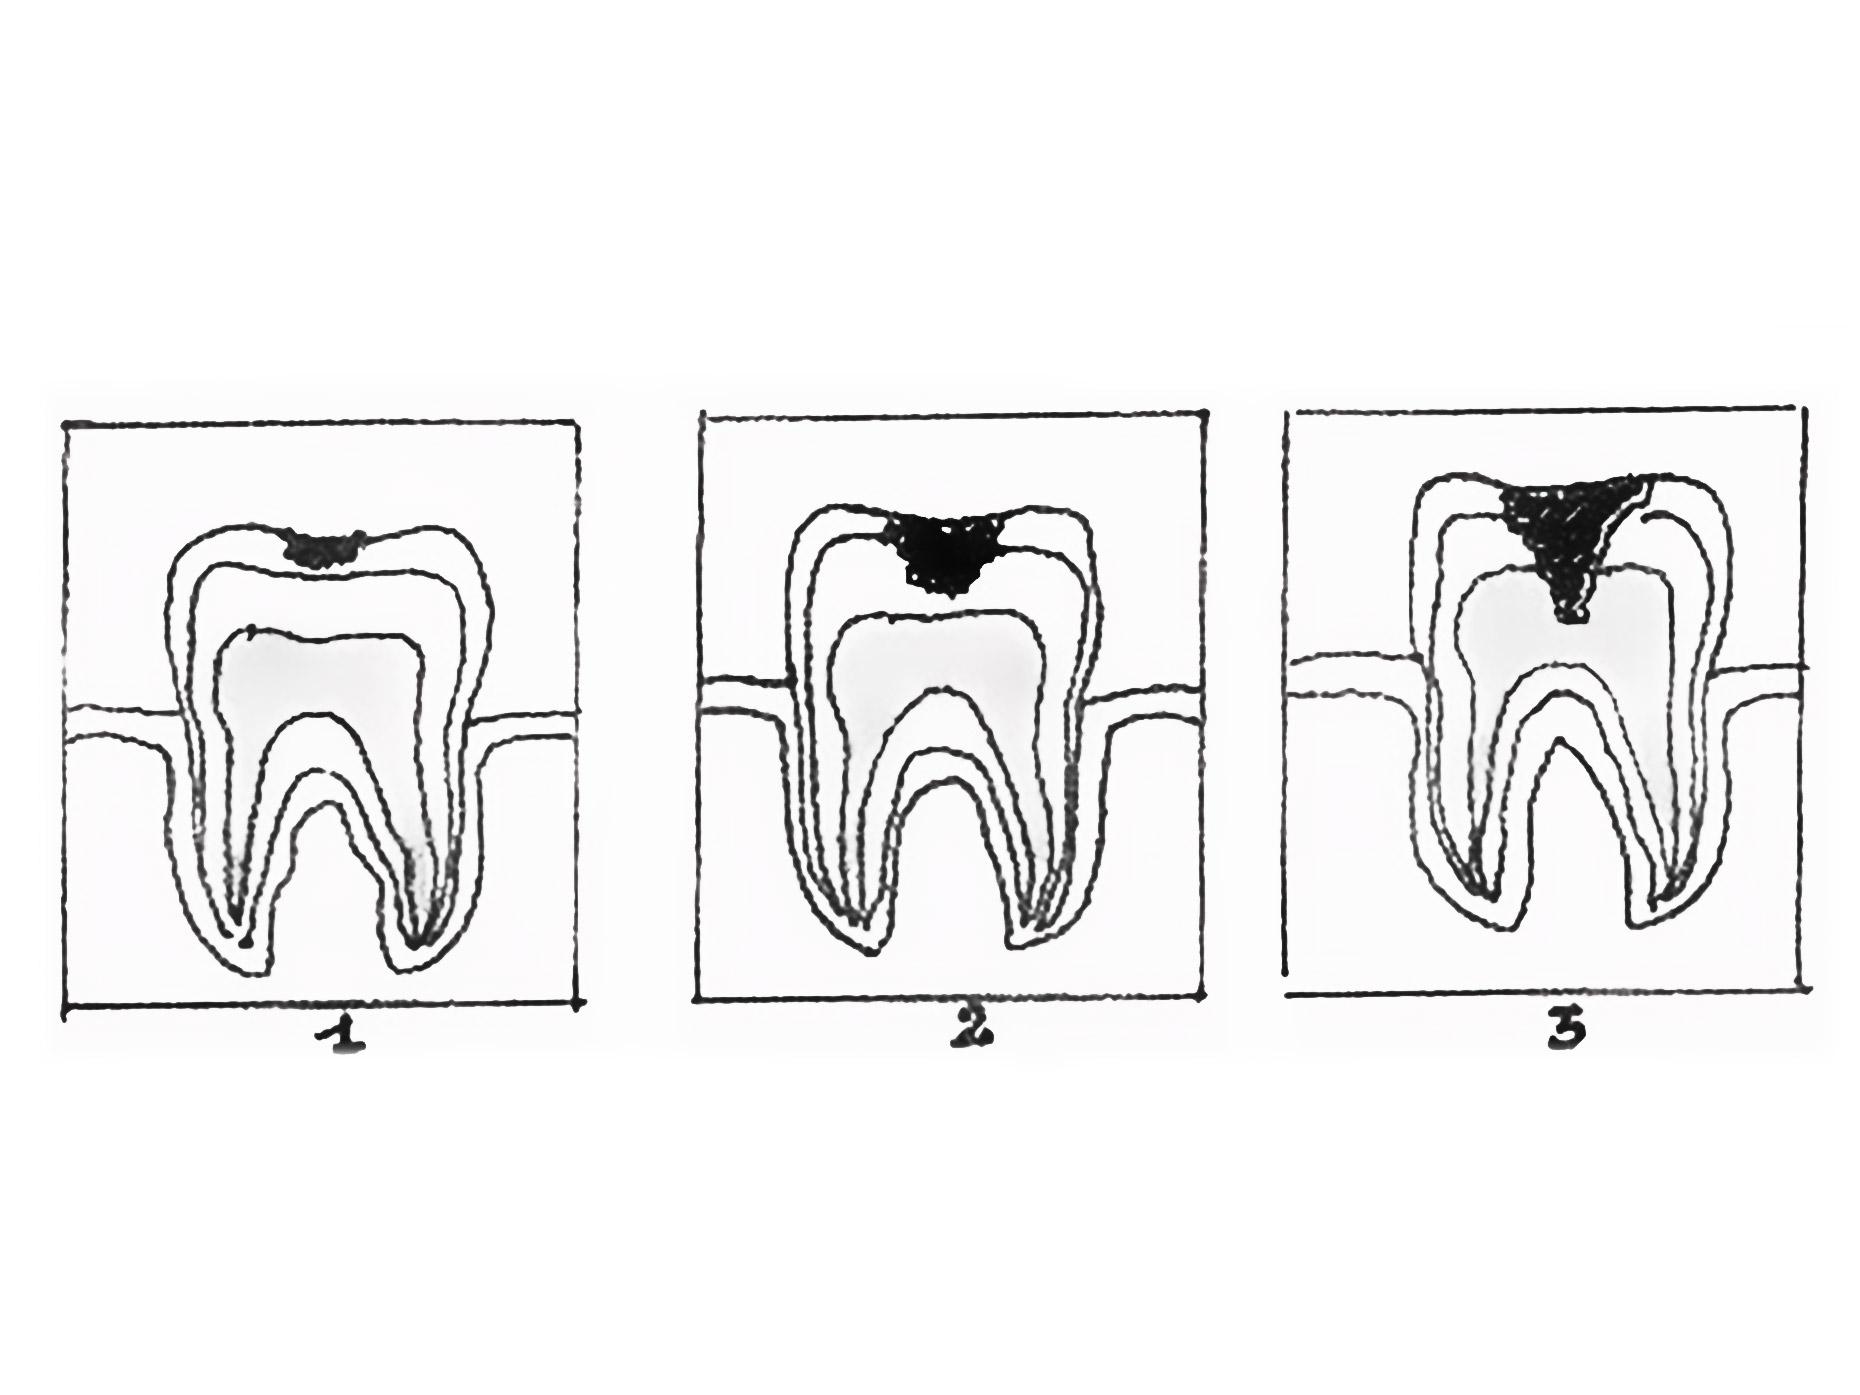 disegno che ritrae l'avanzamento delle carie nei denti